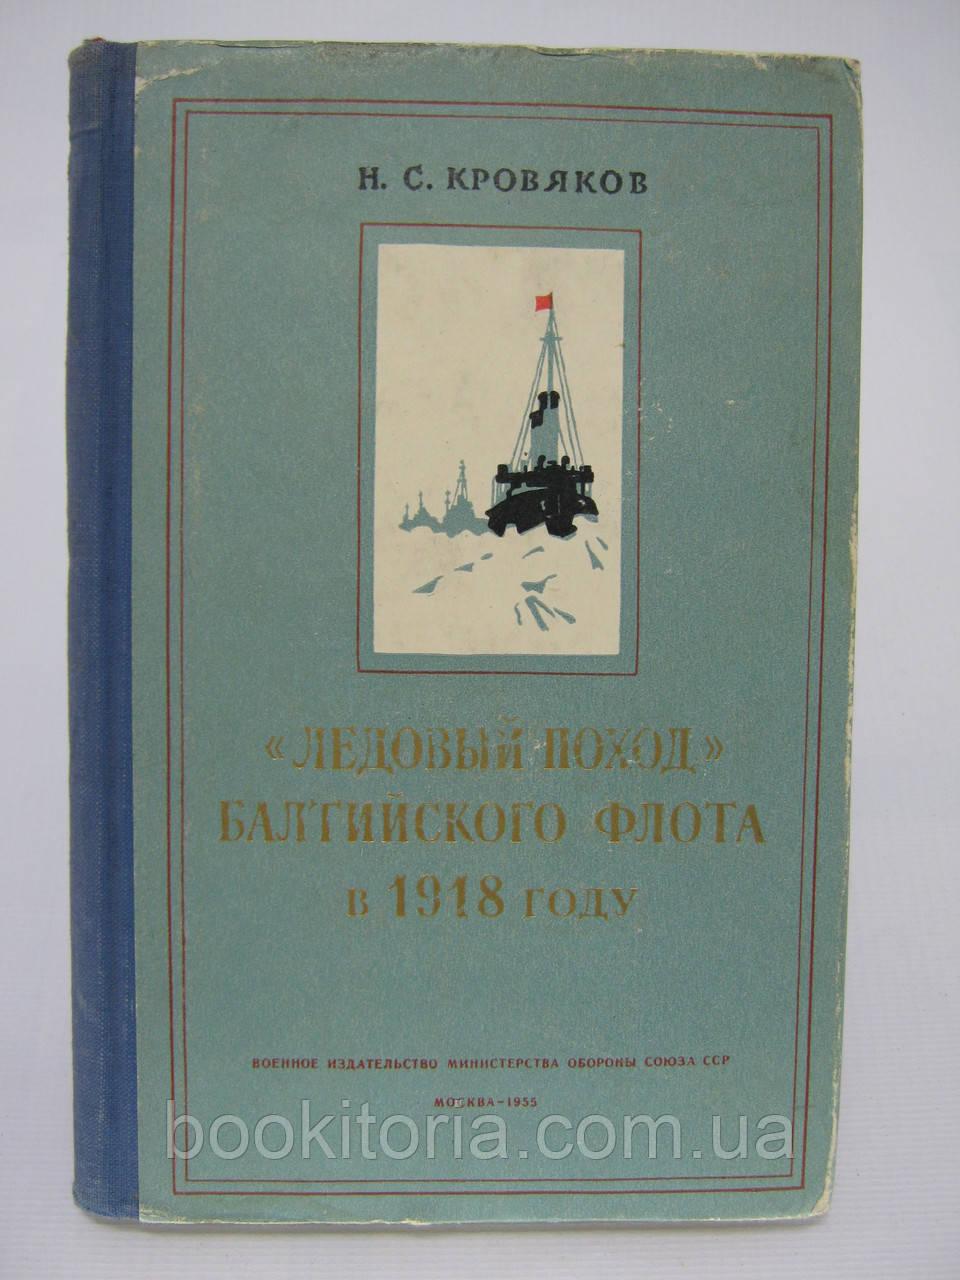 Кровяков Н.С. «Ледовый поход» Балтийского флота в 1918 году (б/у).